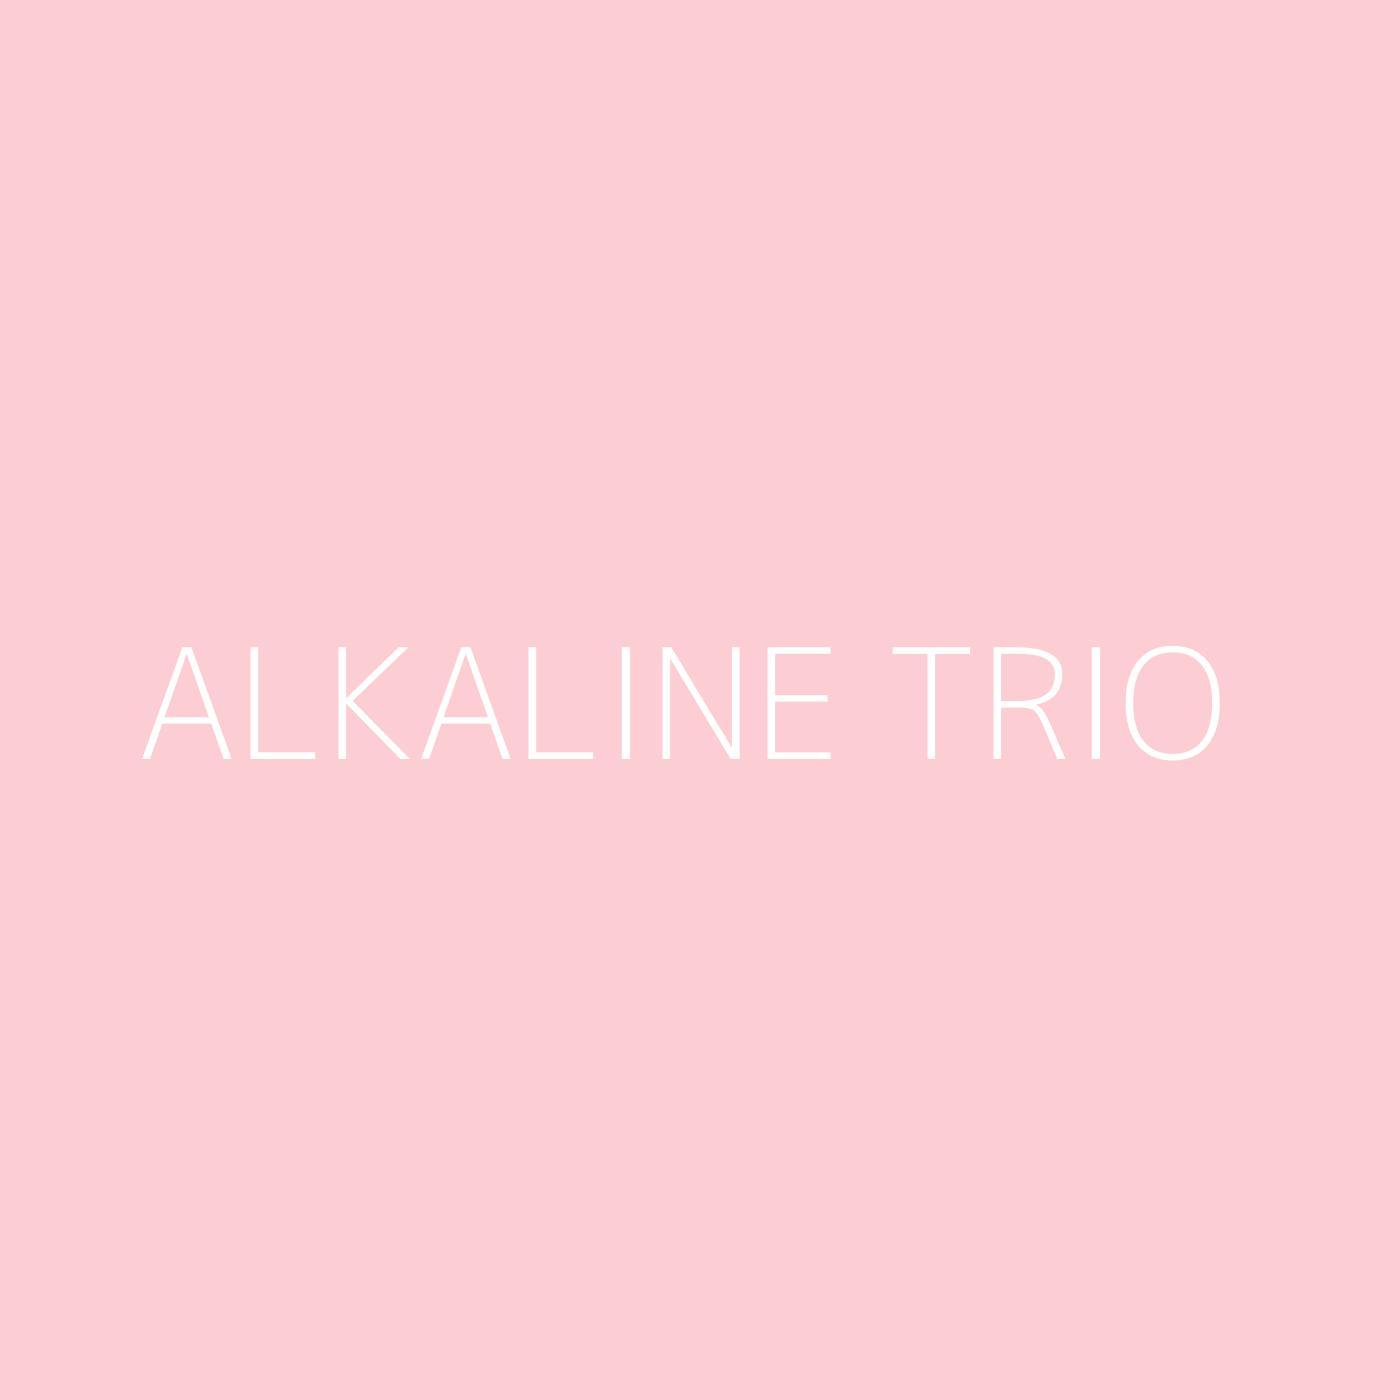 Alkaline Trio Playlist Artwork